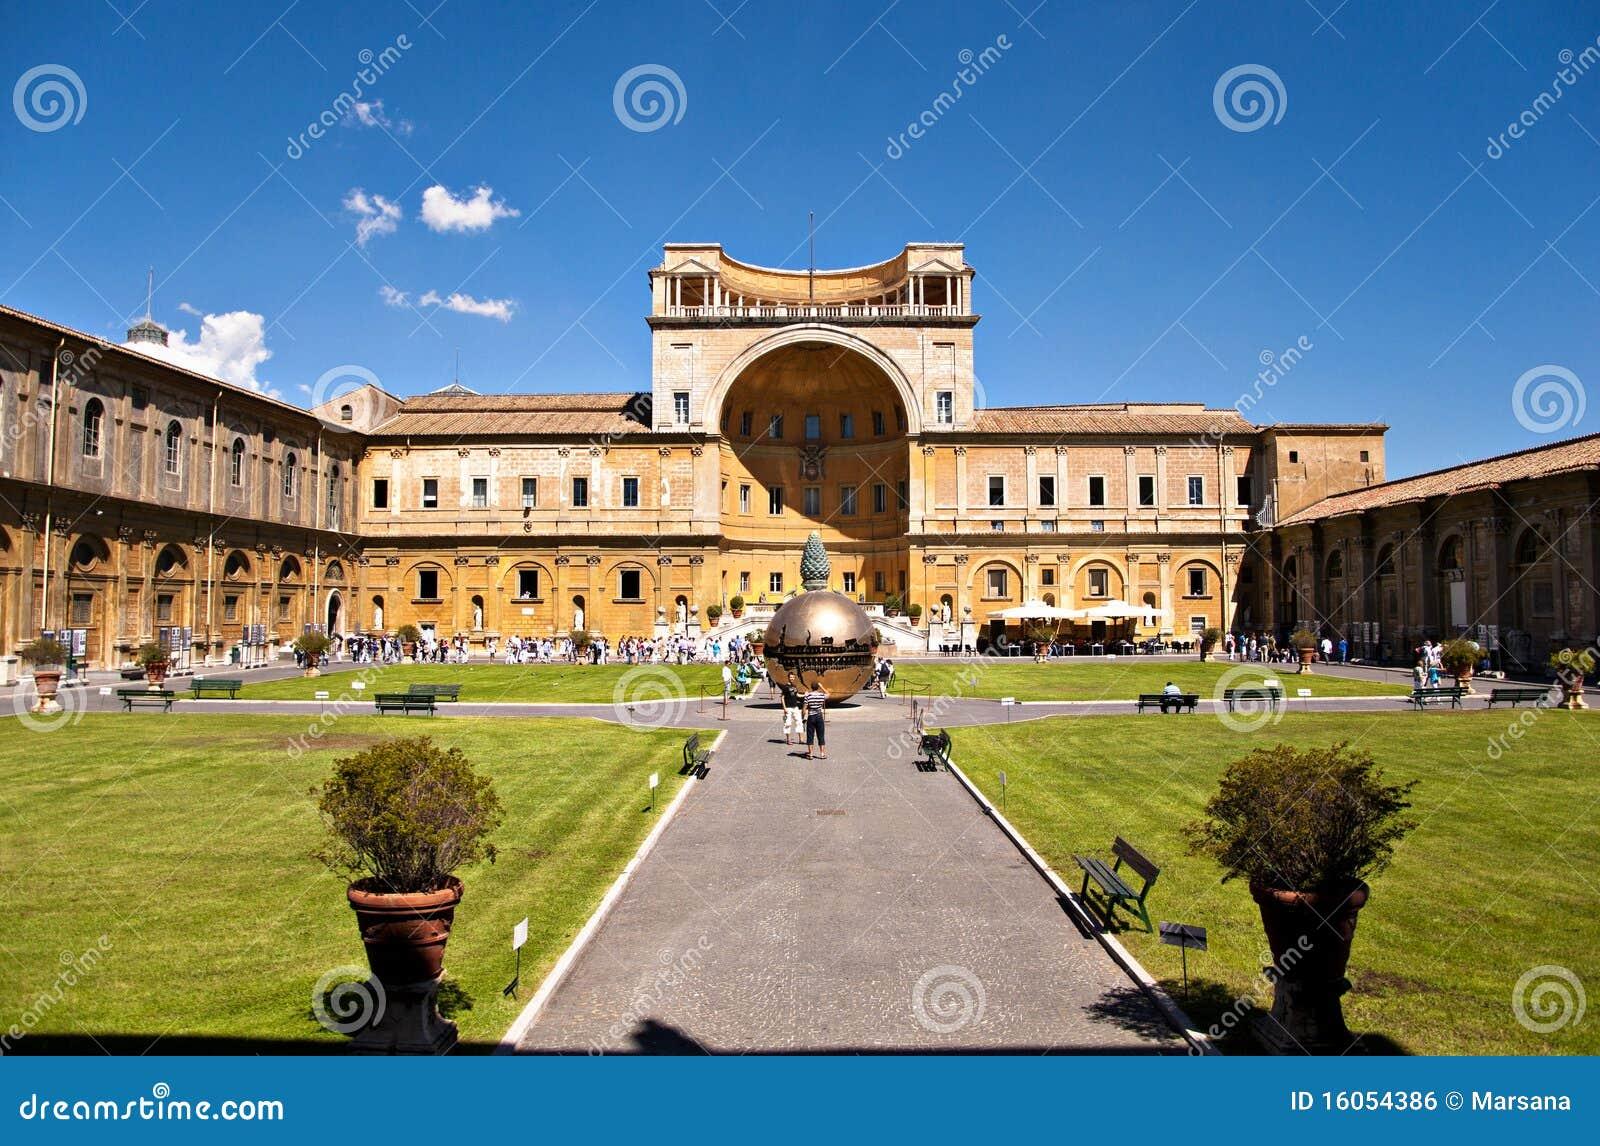 Vatican-Museen